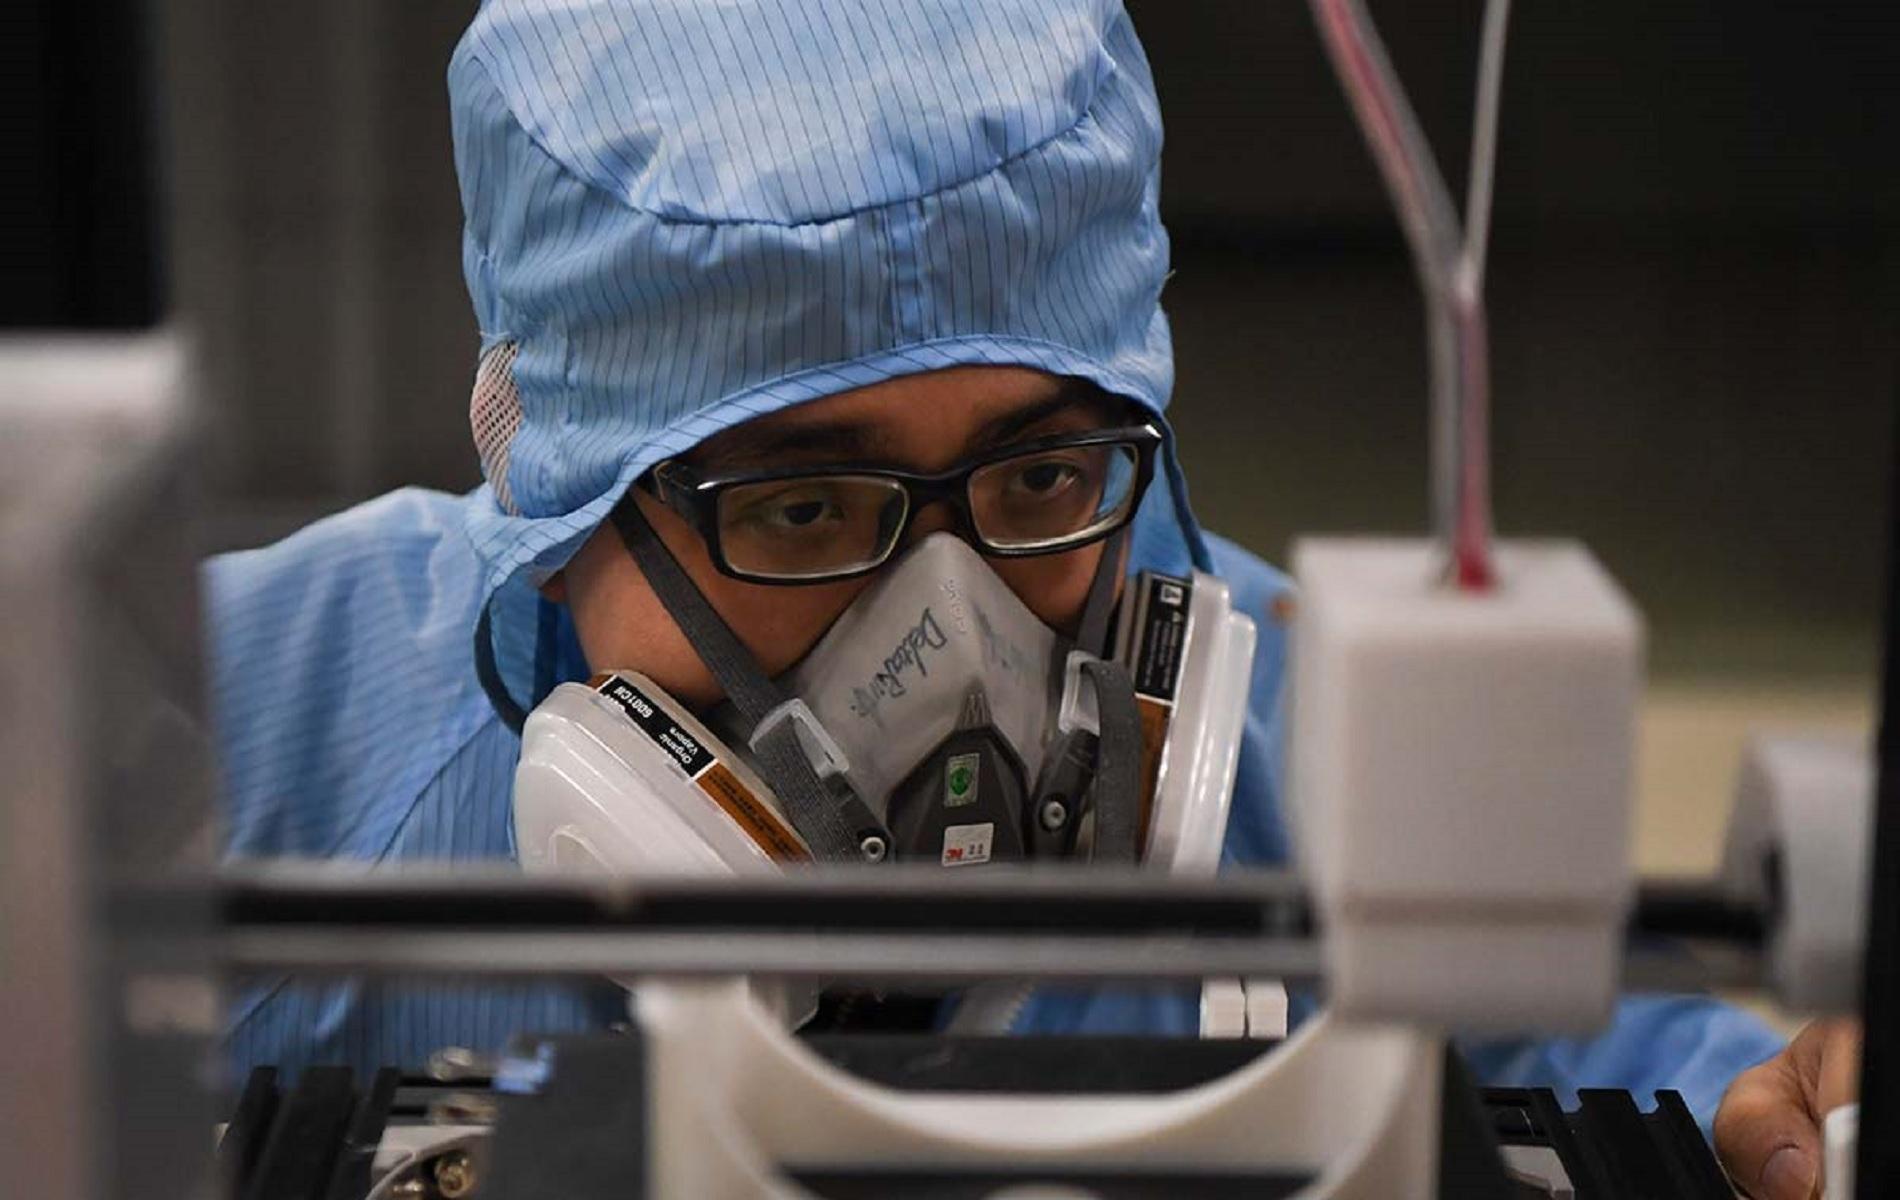 """Τρισδιάστατη εκτύπωση καινοτομία: Αισθητήρες αντοχής και """"έξυπνες"""" μάσκες"""